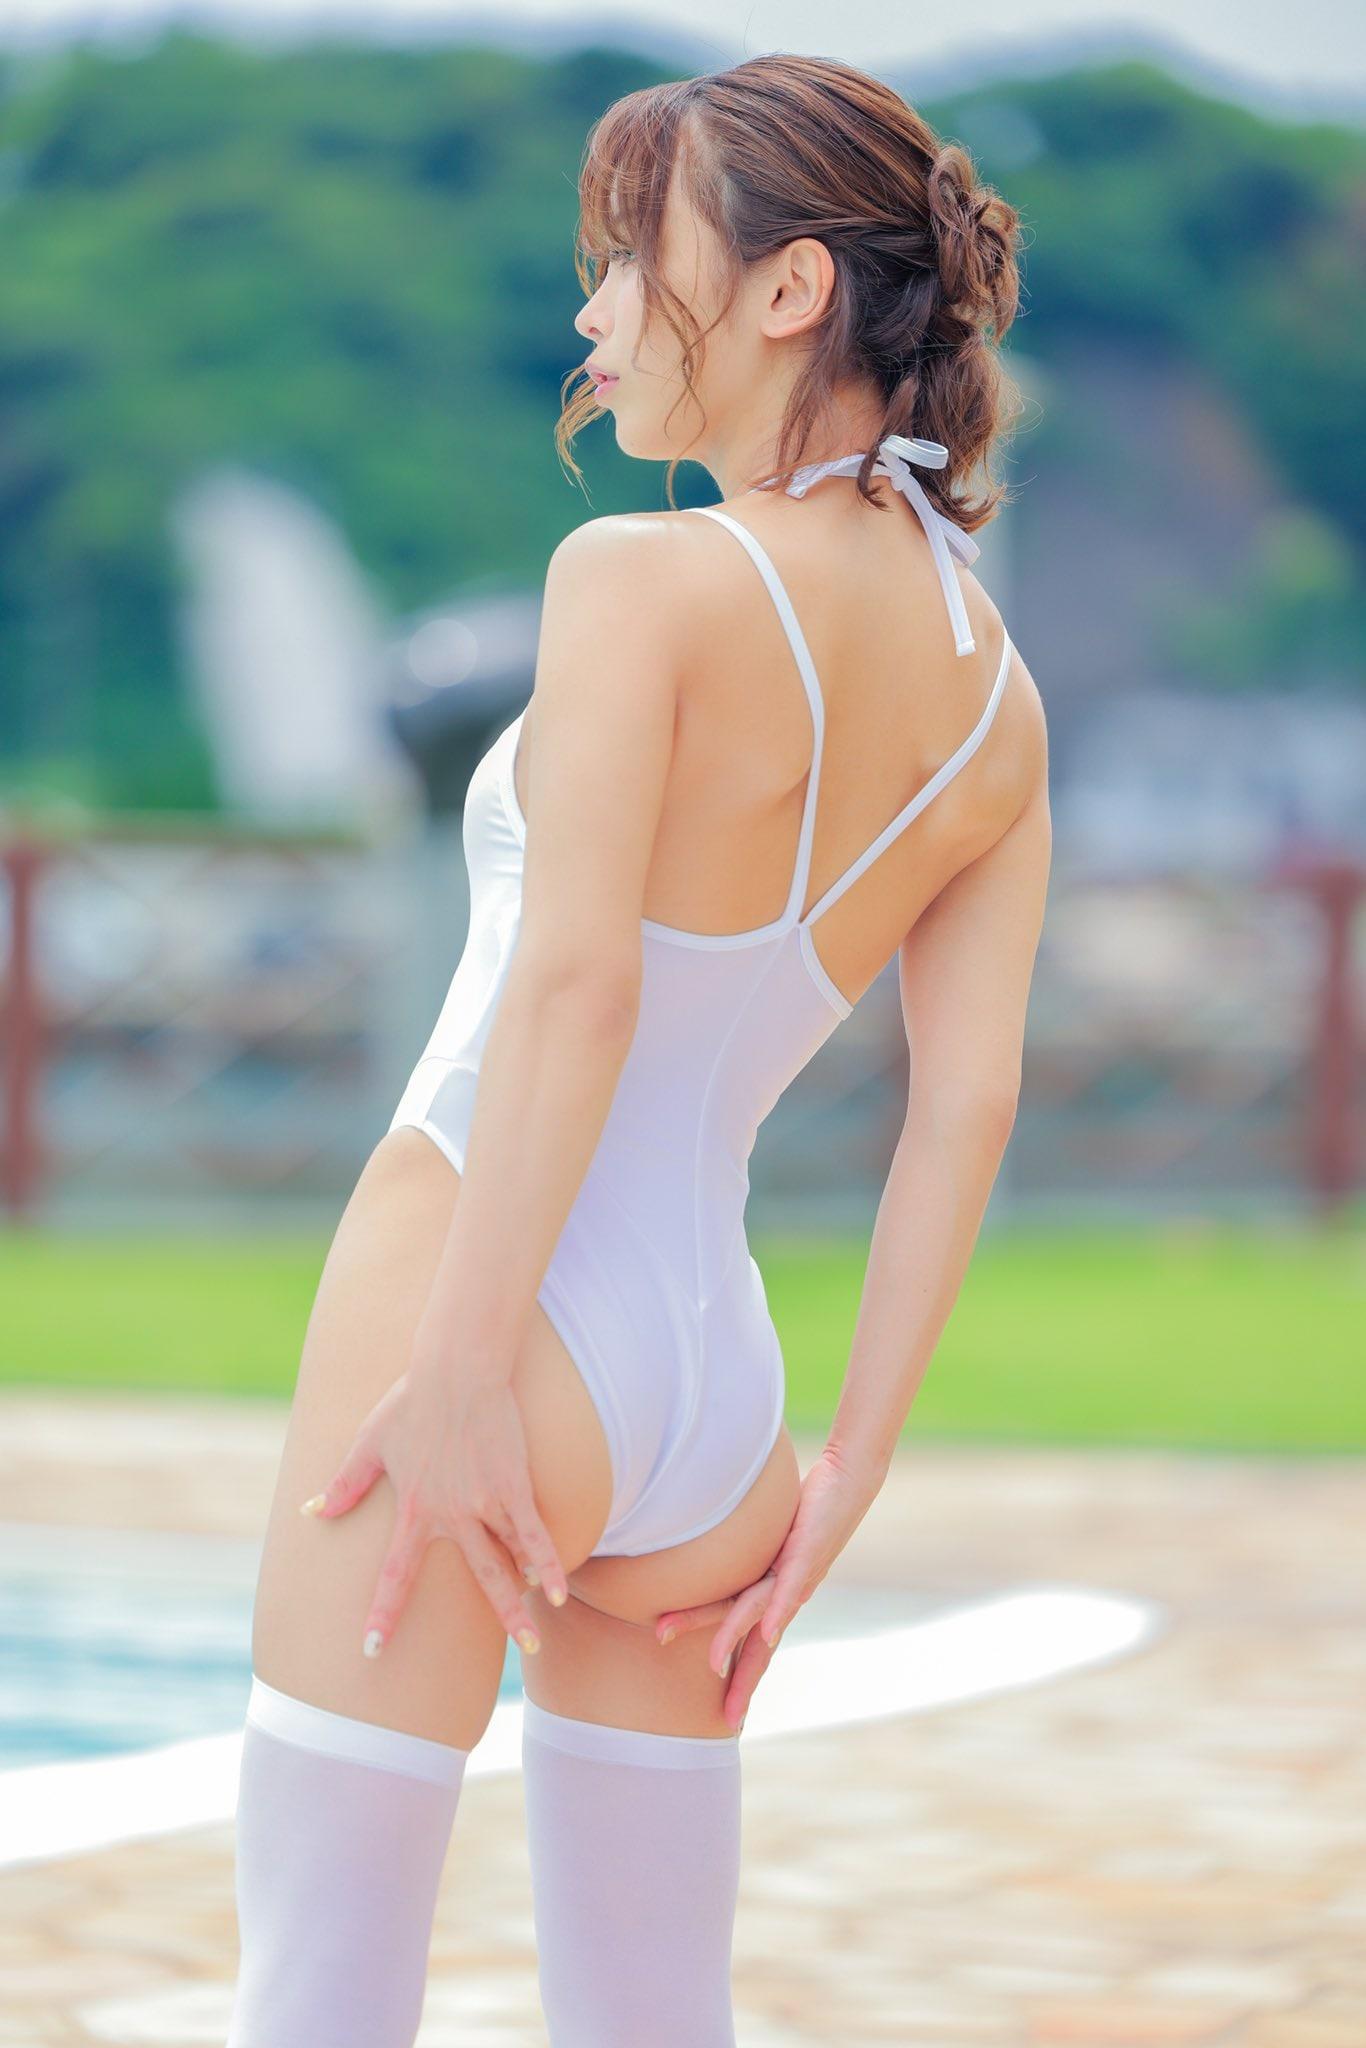 いくみ「ハイレグの純白競泳水着」おへそと尻が透けてる!【画像2枚】の画像001